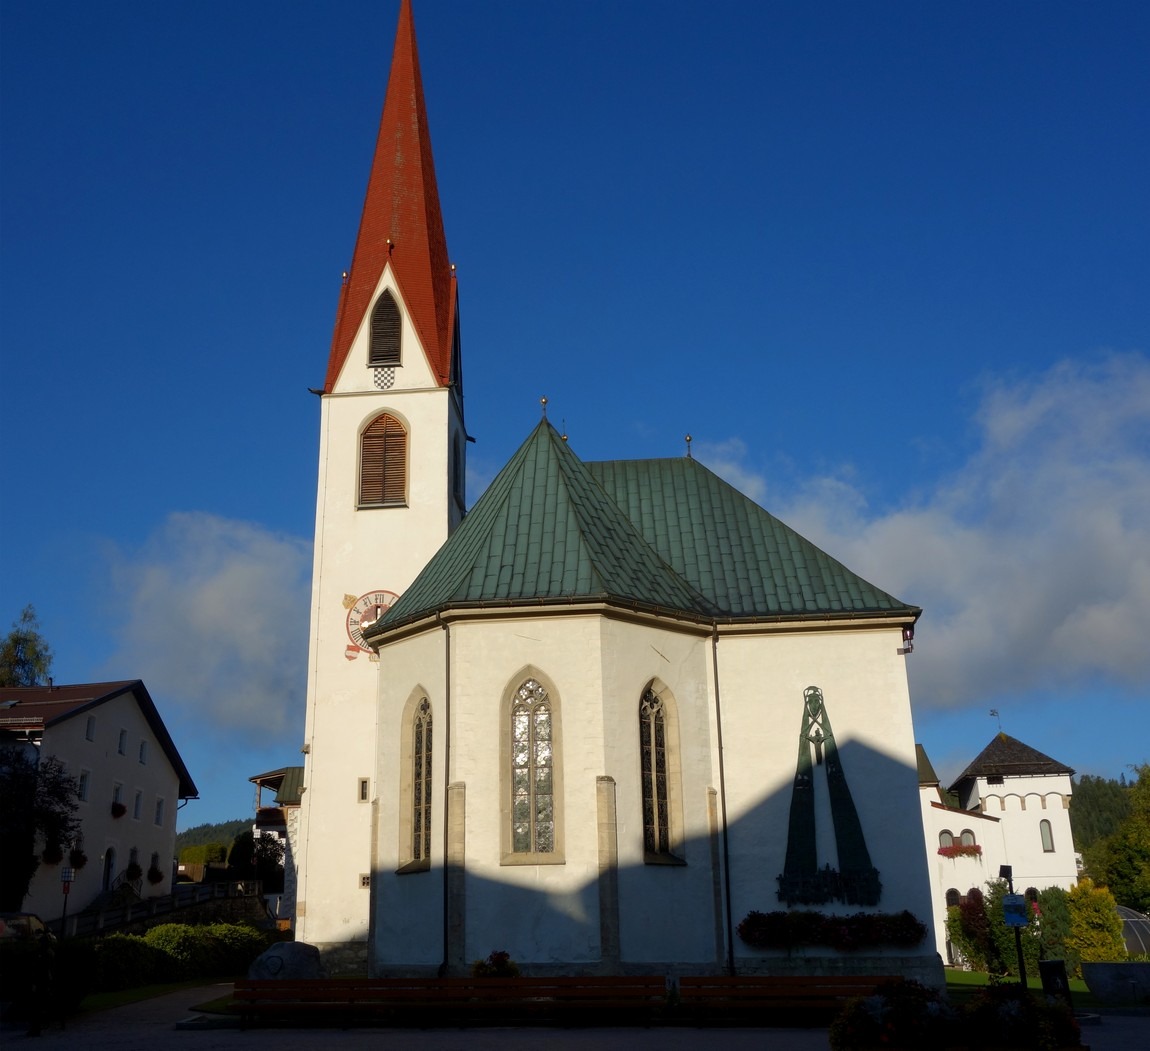 Церковь в Зеефельд в Тироле - Cанкт-Освальд (XIV в.)